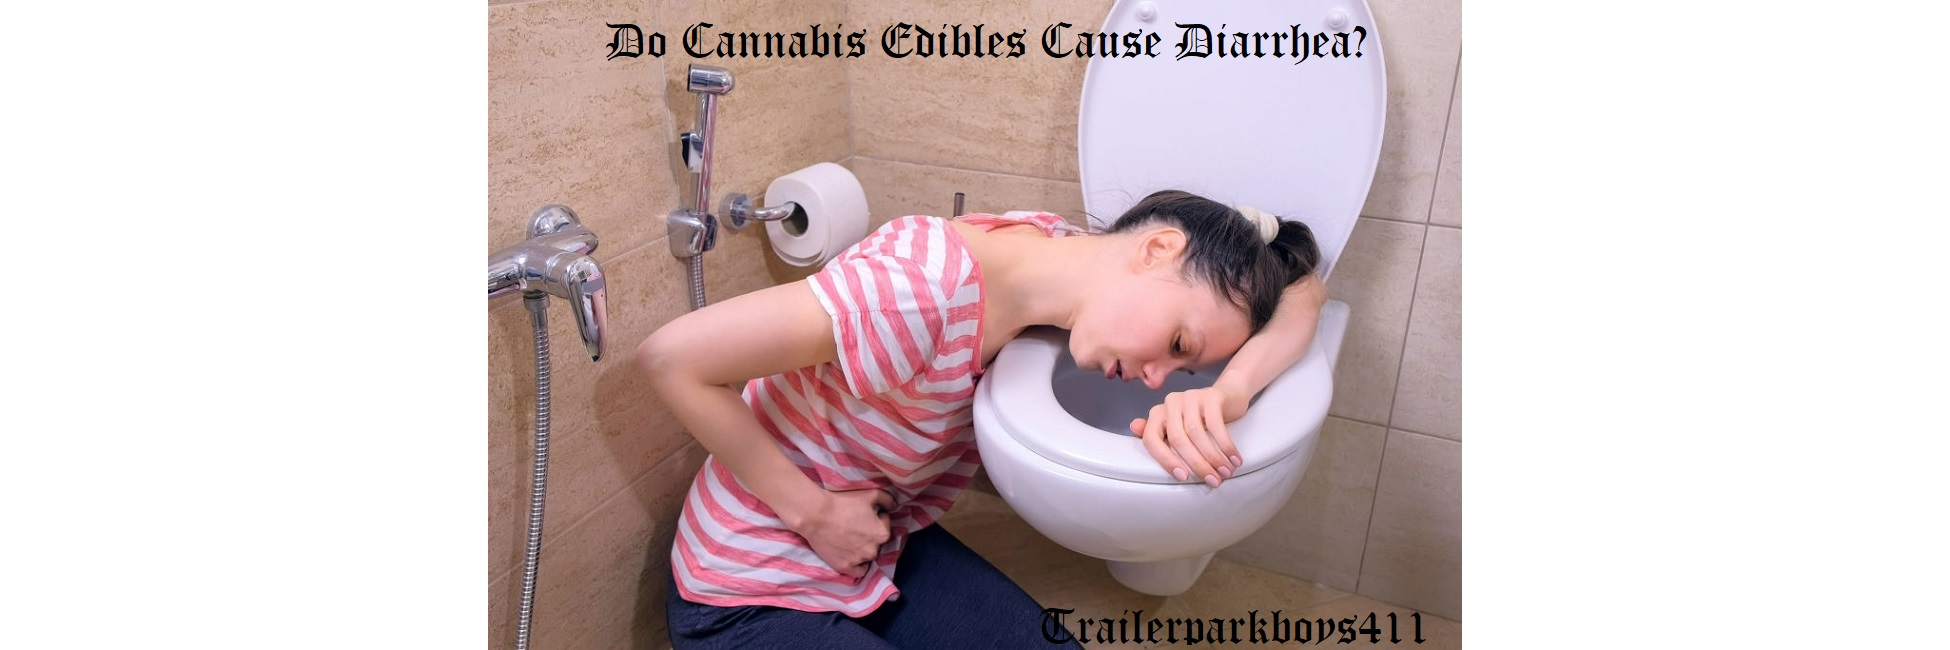 Do Cannabis Edibles Cause Diarrhea